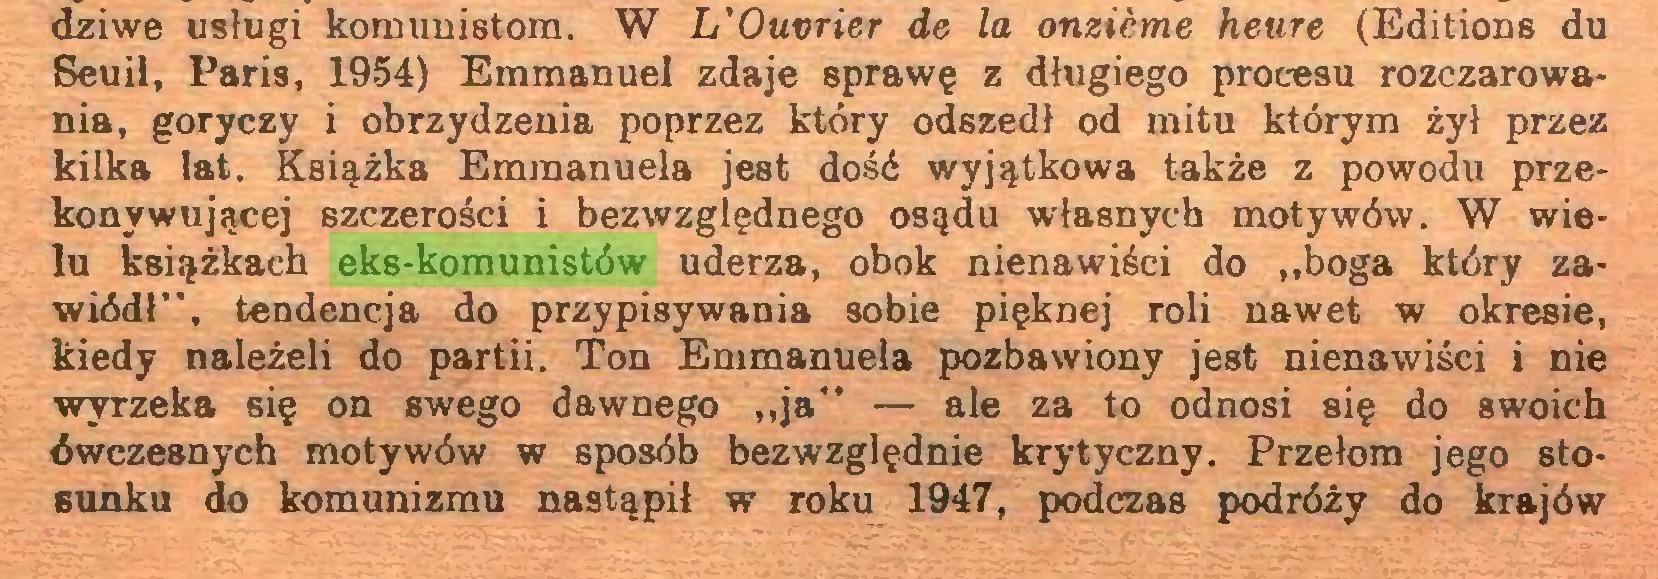 """(...) dziwe usługi komunistom. W L'Ouvrier de la onzième heure (Editions du Seuil, Paris, 1954) Emmanuel zdaje sprawę z długiego procesu rozczarowania, goryczy i obrzydzenia poprzez który odszedł od mitu którym żył przez kilka lat. Książka Emraanuela jest dość wyjątkowa także z powodu przekonywującej szczerości i bezwzględnego osądu własnych motywów. W wielu książkach eks-komunistów uderza, obok nienawiści do """"boga który zawiódł"""", tendencja do przypisywania sobie pięknej roli nawet w okresie, kiedy należeli do partii. Ton Emmanuela pozbawiony jest nienawiści i nie wyrzeka się on swego dawnego """"ja"""" — ale za to odnosi się do swoich ówczesnych motywów w sposób bezwzględnie krytyczny. Przełom jego stosunku do komunizmu nastąpił w roku 1947, podczas podróży do krajów..."""